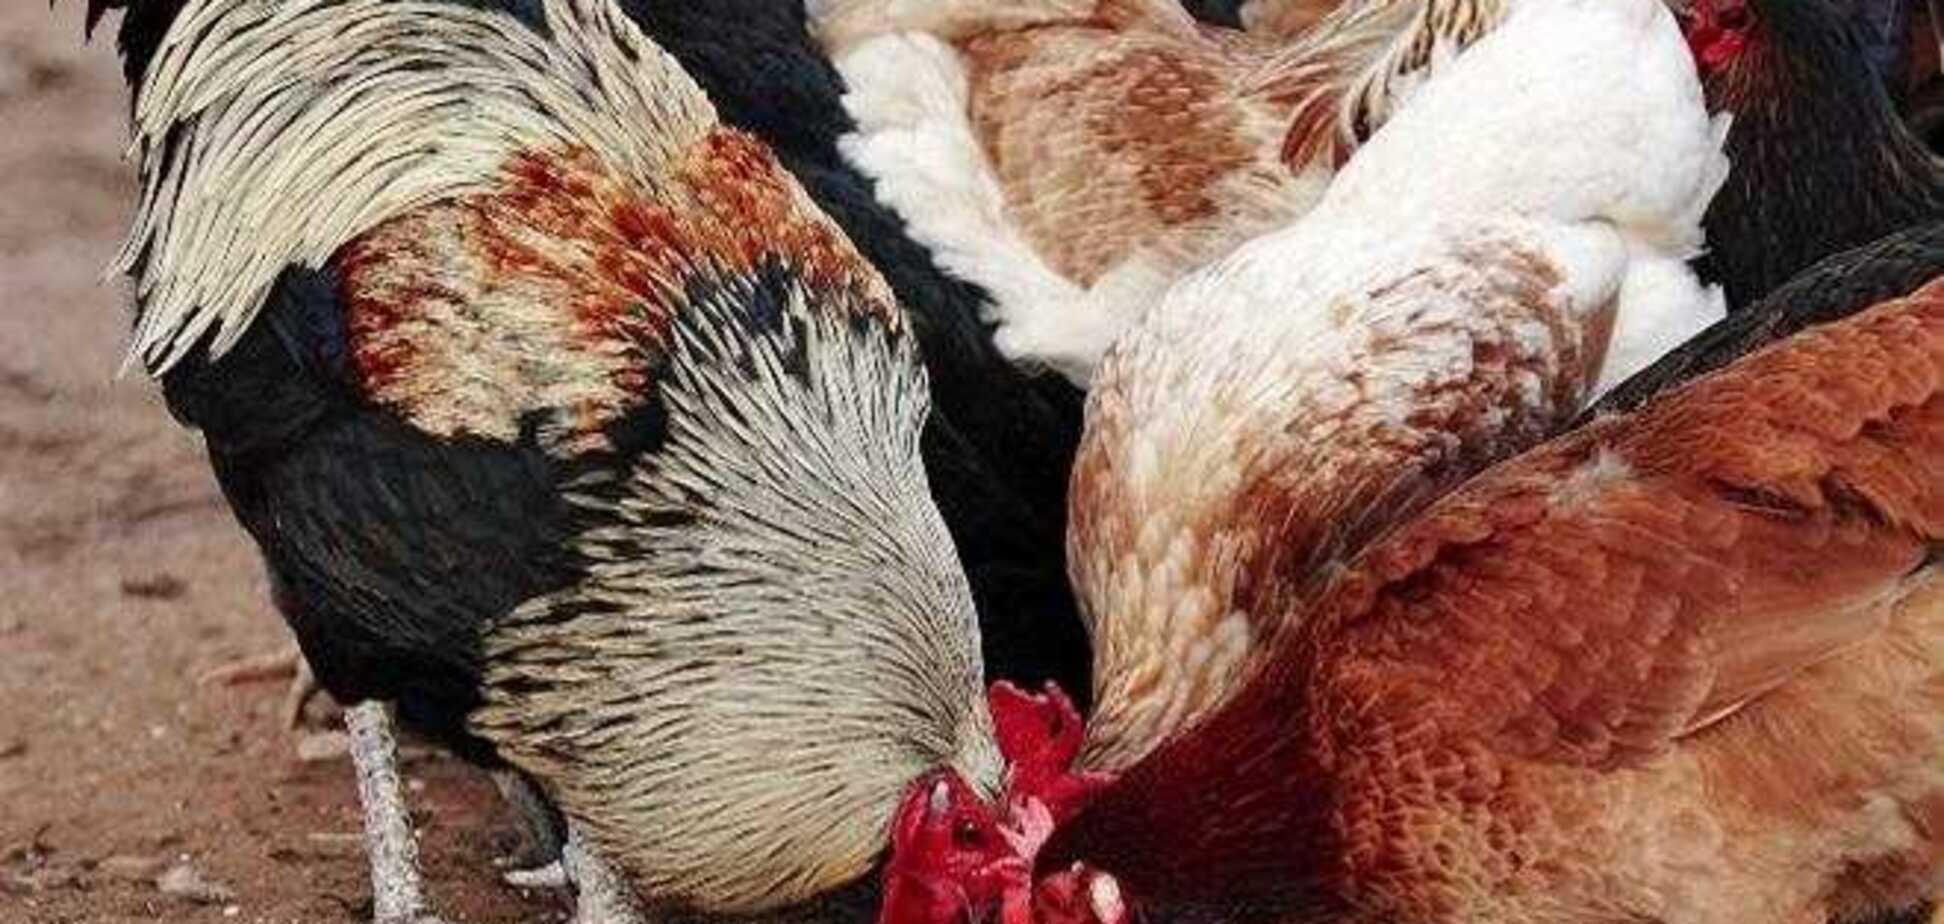 Опасное мясо и яйца: украинцам сказали, как обезопаситься от птичьего гриппа